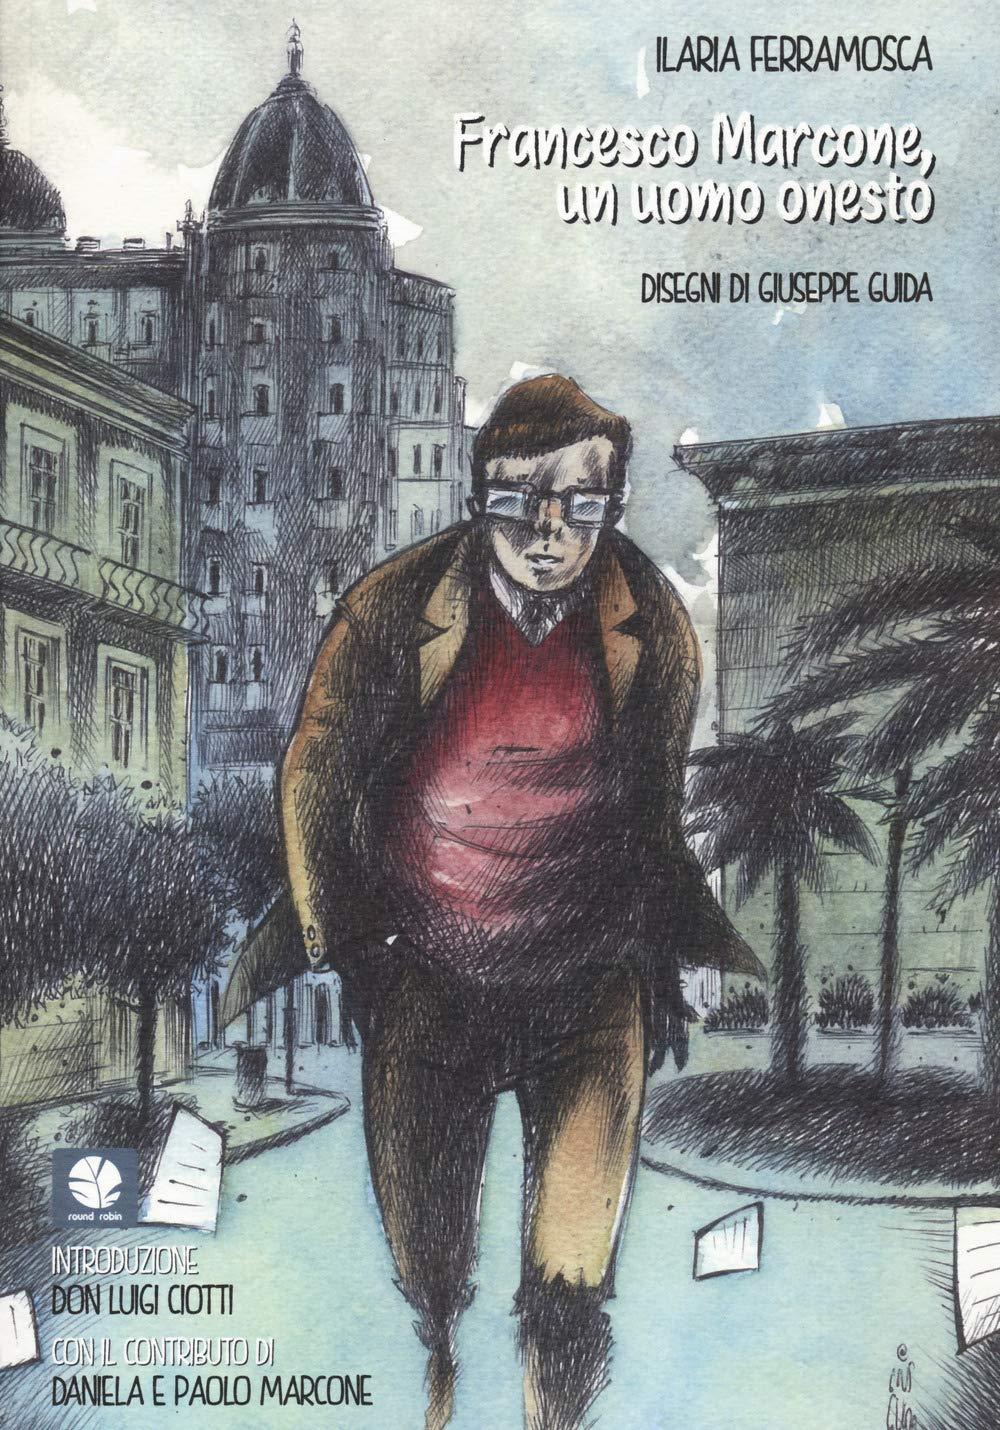 Recensione di Francesco Marcone, Un Uomo Onesto – I. Ferramosca/G. Guida